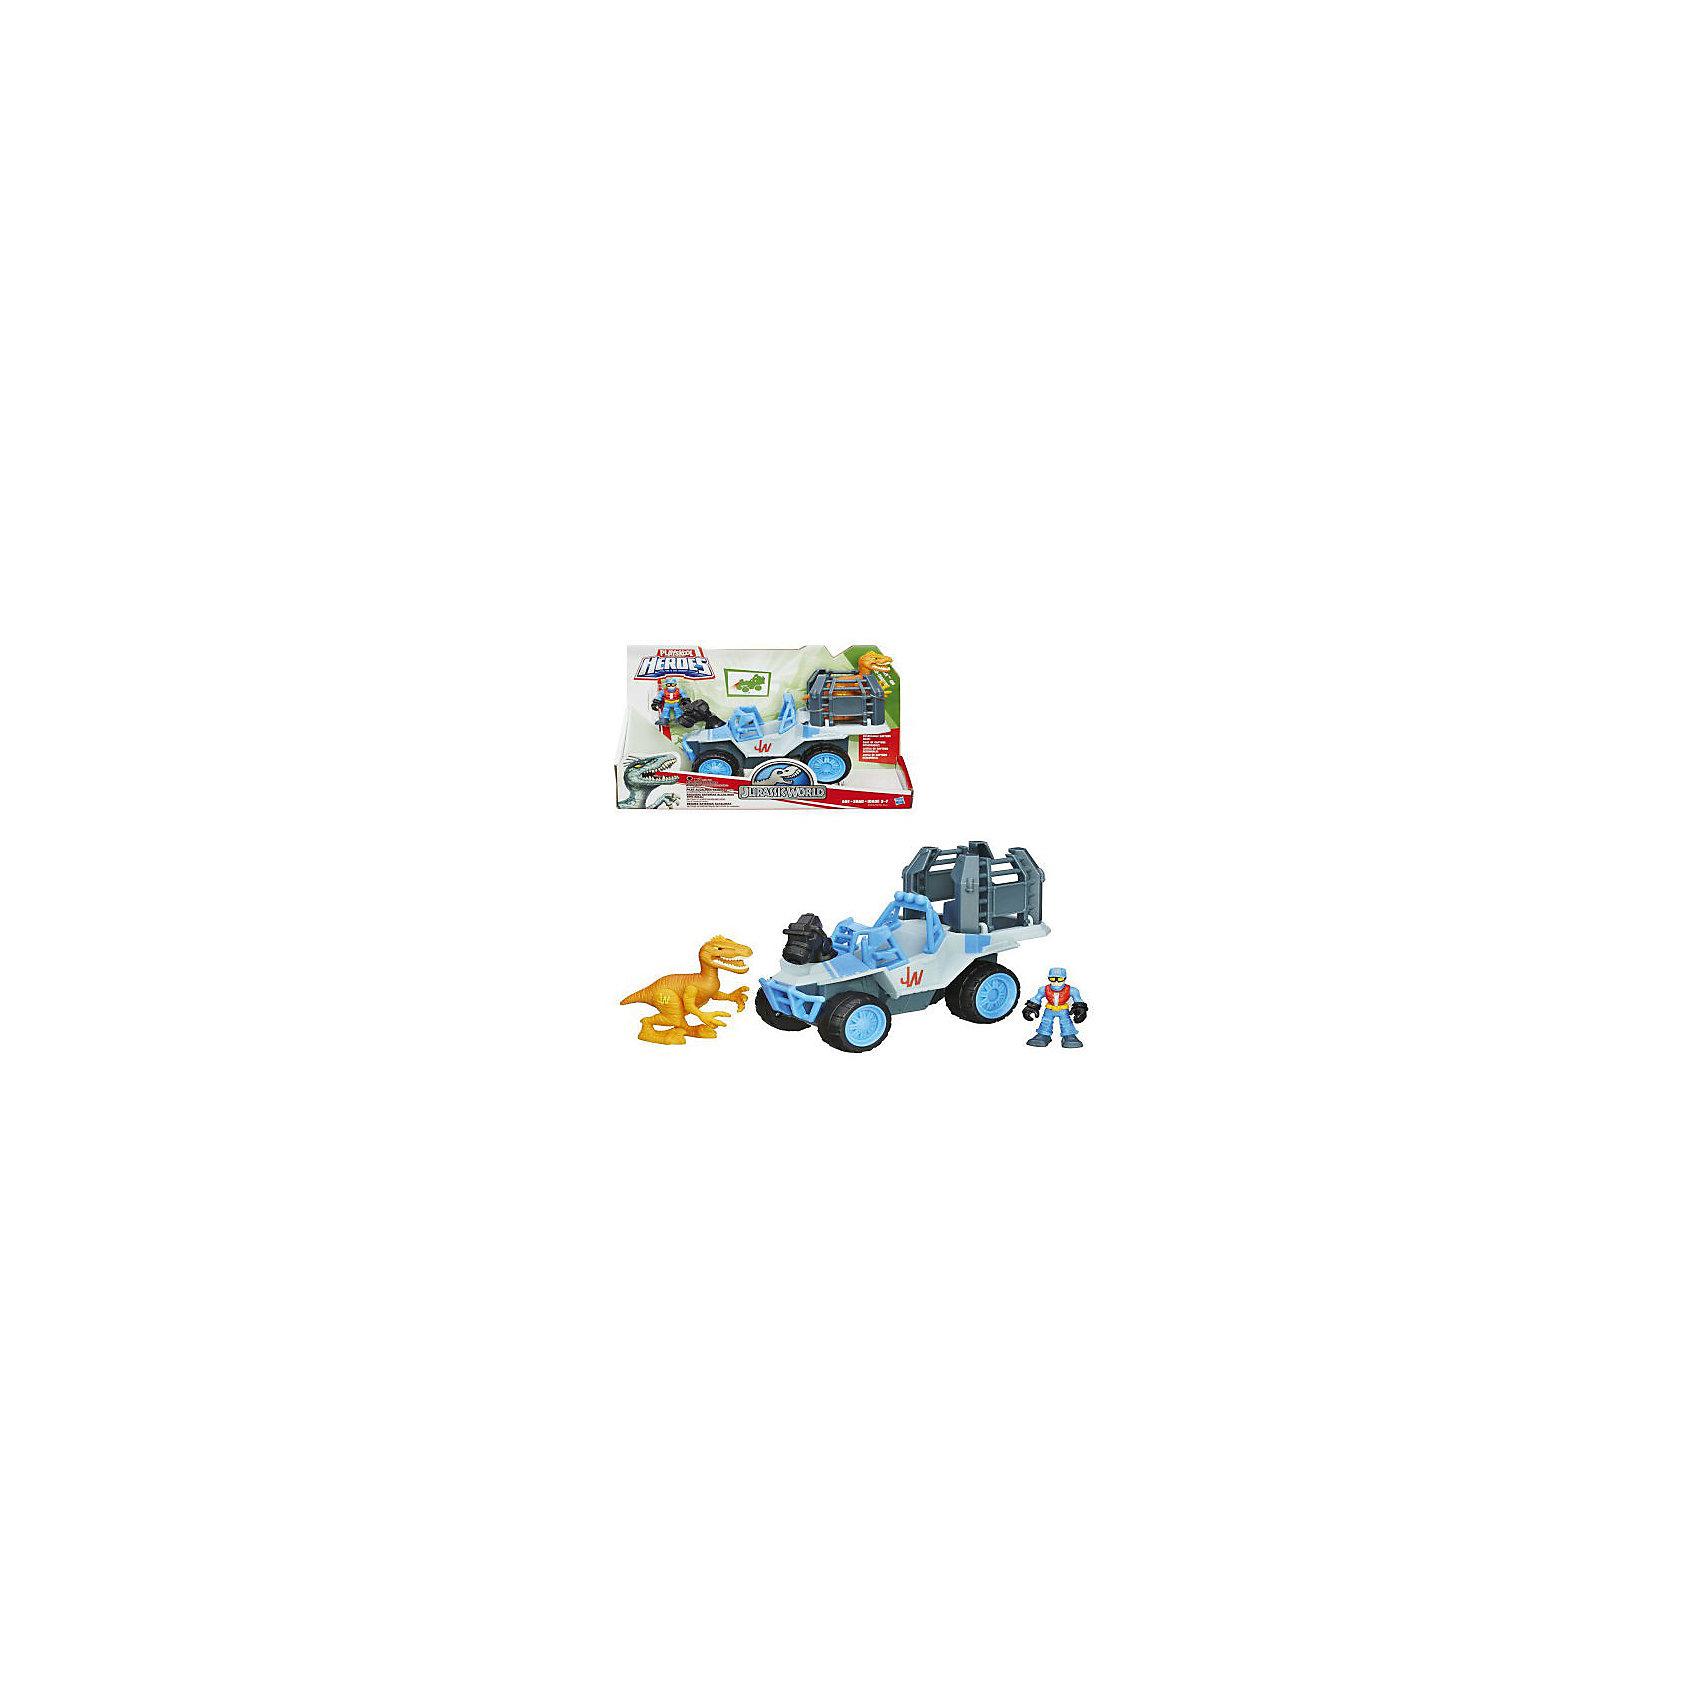 Набор: динозавр, оранжевый, и транспортное средство, Мир Юрского ПериодаИгрушки<br>Набор: динозавр, оранжевый, и транспортное средство, Мир Юрского Периода<br><br>Характеристики:<br><br>• в комплекте: фигурка динозавра, фигурка человека, джип, клетка<br>• материал: пластик<br>• фигурка человека: 7 см<br>• размер машины: 21х17 см<br>• размер упаковки: 30,5х11х20 см<br>• батарейки: AG13/LR44 - 3 шт. (входят в комплект)<br><br>Набор от Хасбро поможет ребенку создать интересный игровой сюжет с динозавром. Наверное, поймать доисторического жителя не так просто, но на помощь придет отважный герой со своим джипом и клеткой. Джип оснащен светодиодной лампой для освещения темного помещения. После поимки динозавр расположится в большой клетке, которую можно перевозить на джипе. Эта увлекательная игра придется по вкусу вашему малышу!<br><br>Набор: динозавр, оранжевый, и транспортное средство, Мир Юрского Периода вы можете купить в нашем интернет-магазине.<br><br>Ширина мм: 108<br>Глубина мм: 305<br>Высота мм: 203<br>Вес г: 835<br>Возраст от месяцев: 36<br>Возраст до месяцев: 84<br>Пол: Мужской<br>Возраст: Детский<br>SKU: 4163209